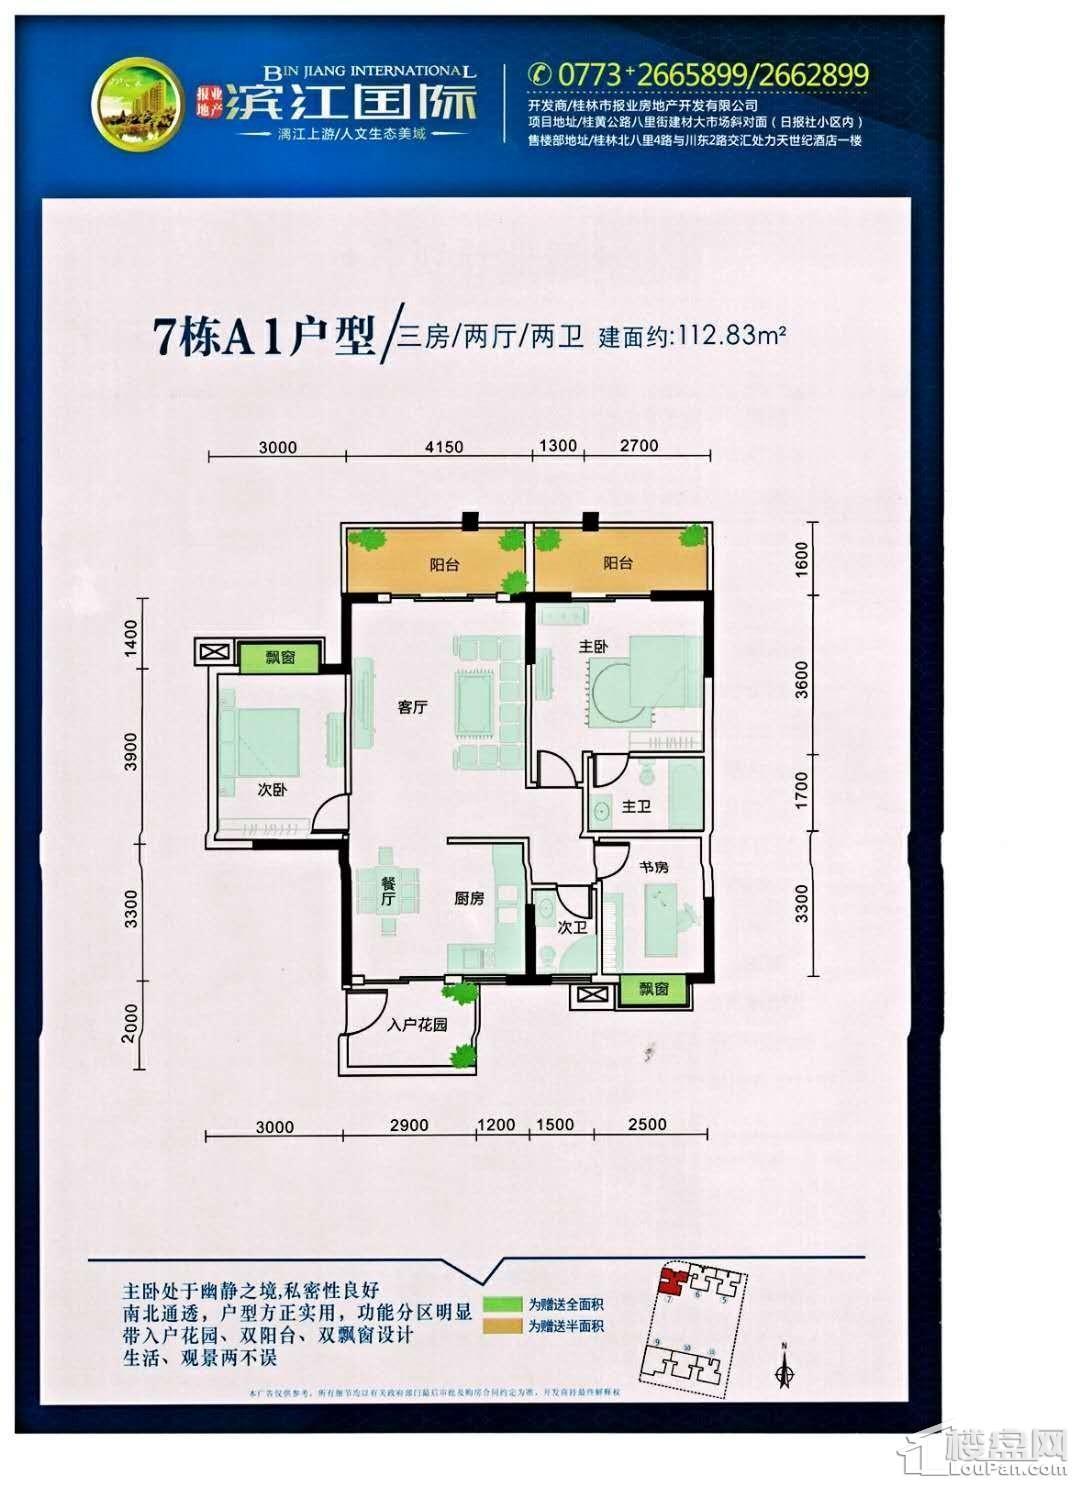 滨江国际桂林日报社小区 -7#A1户型